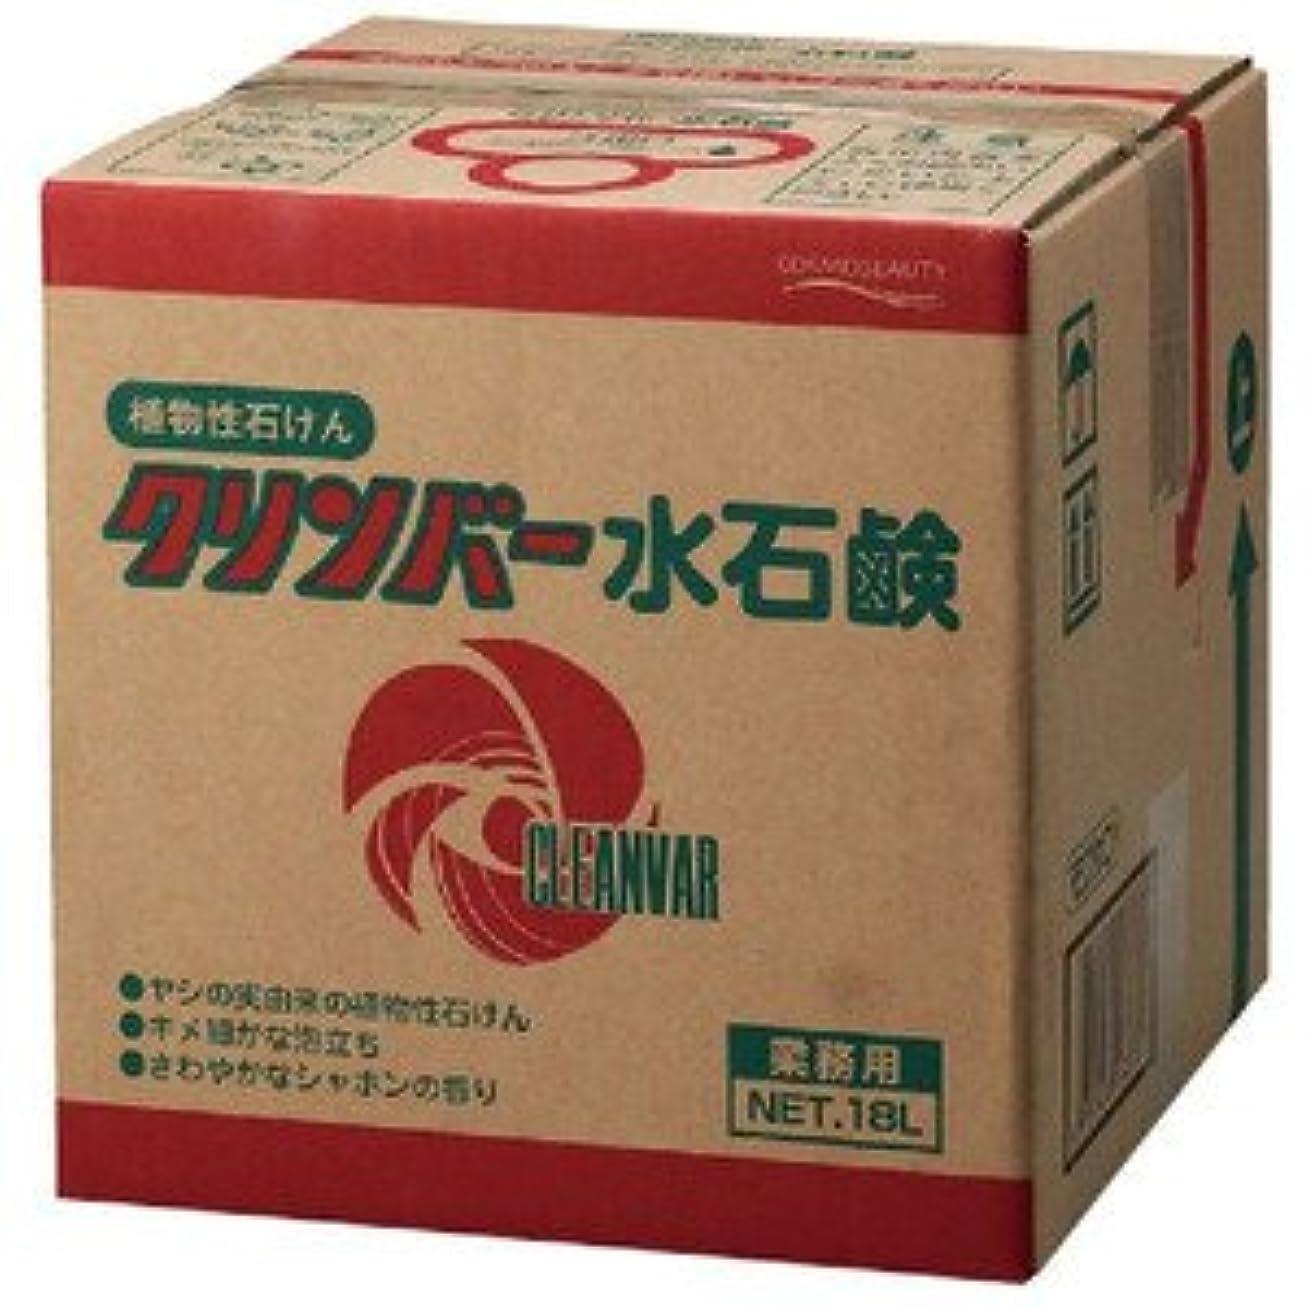 含むボスペグコスモビューティー ヤシの実由来 業務用液体手洗い洗剤 ナチュラルソープ( 旧名:クリンバー水石鹸) 18L 16373